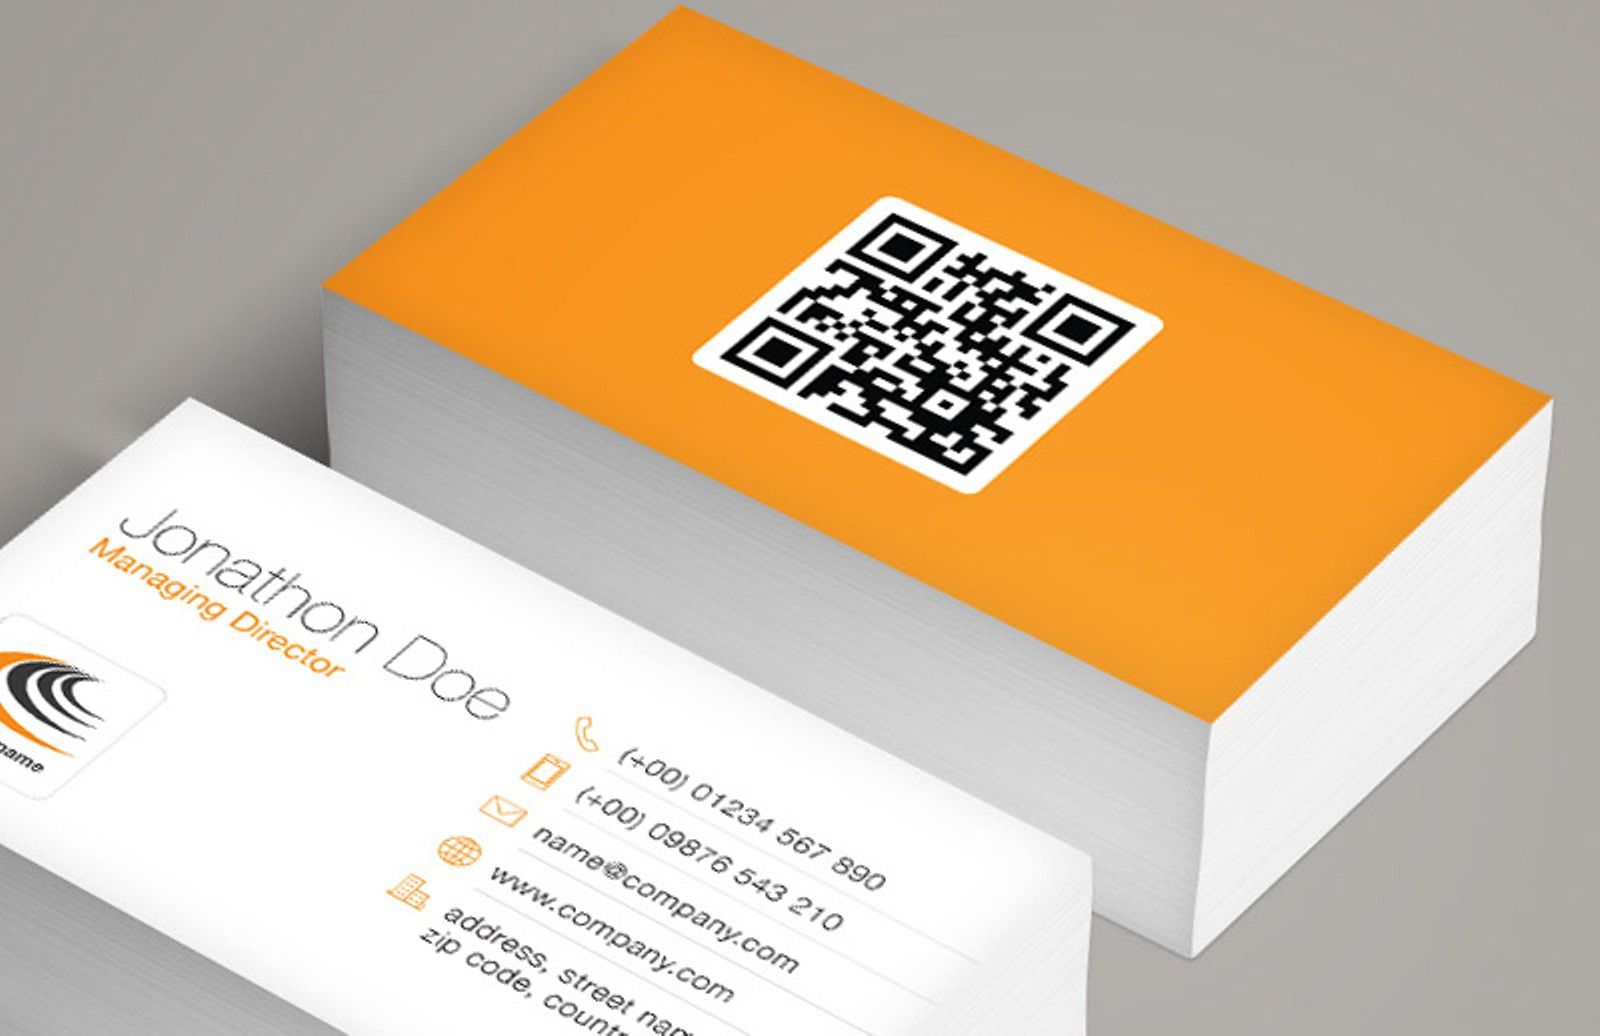 Afbeeldingsresultaat voor example business cards with